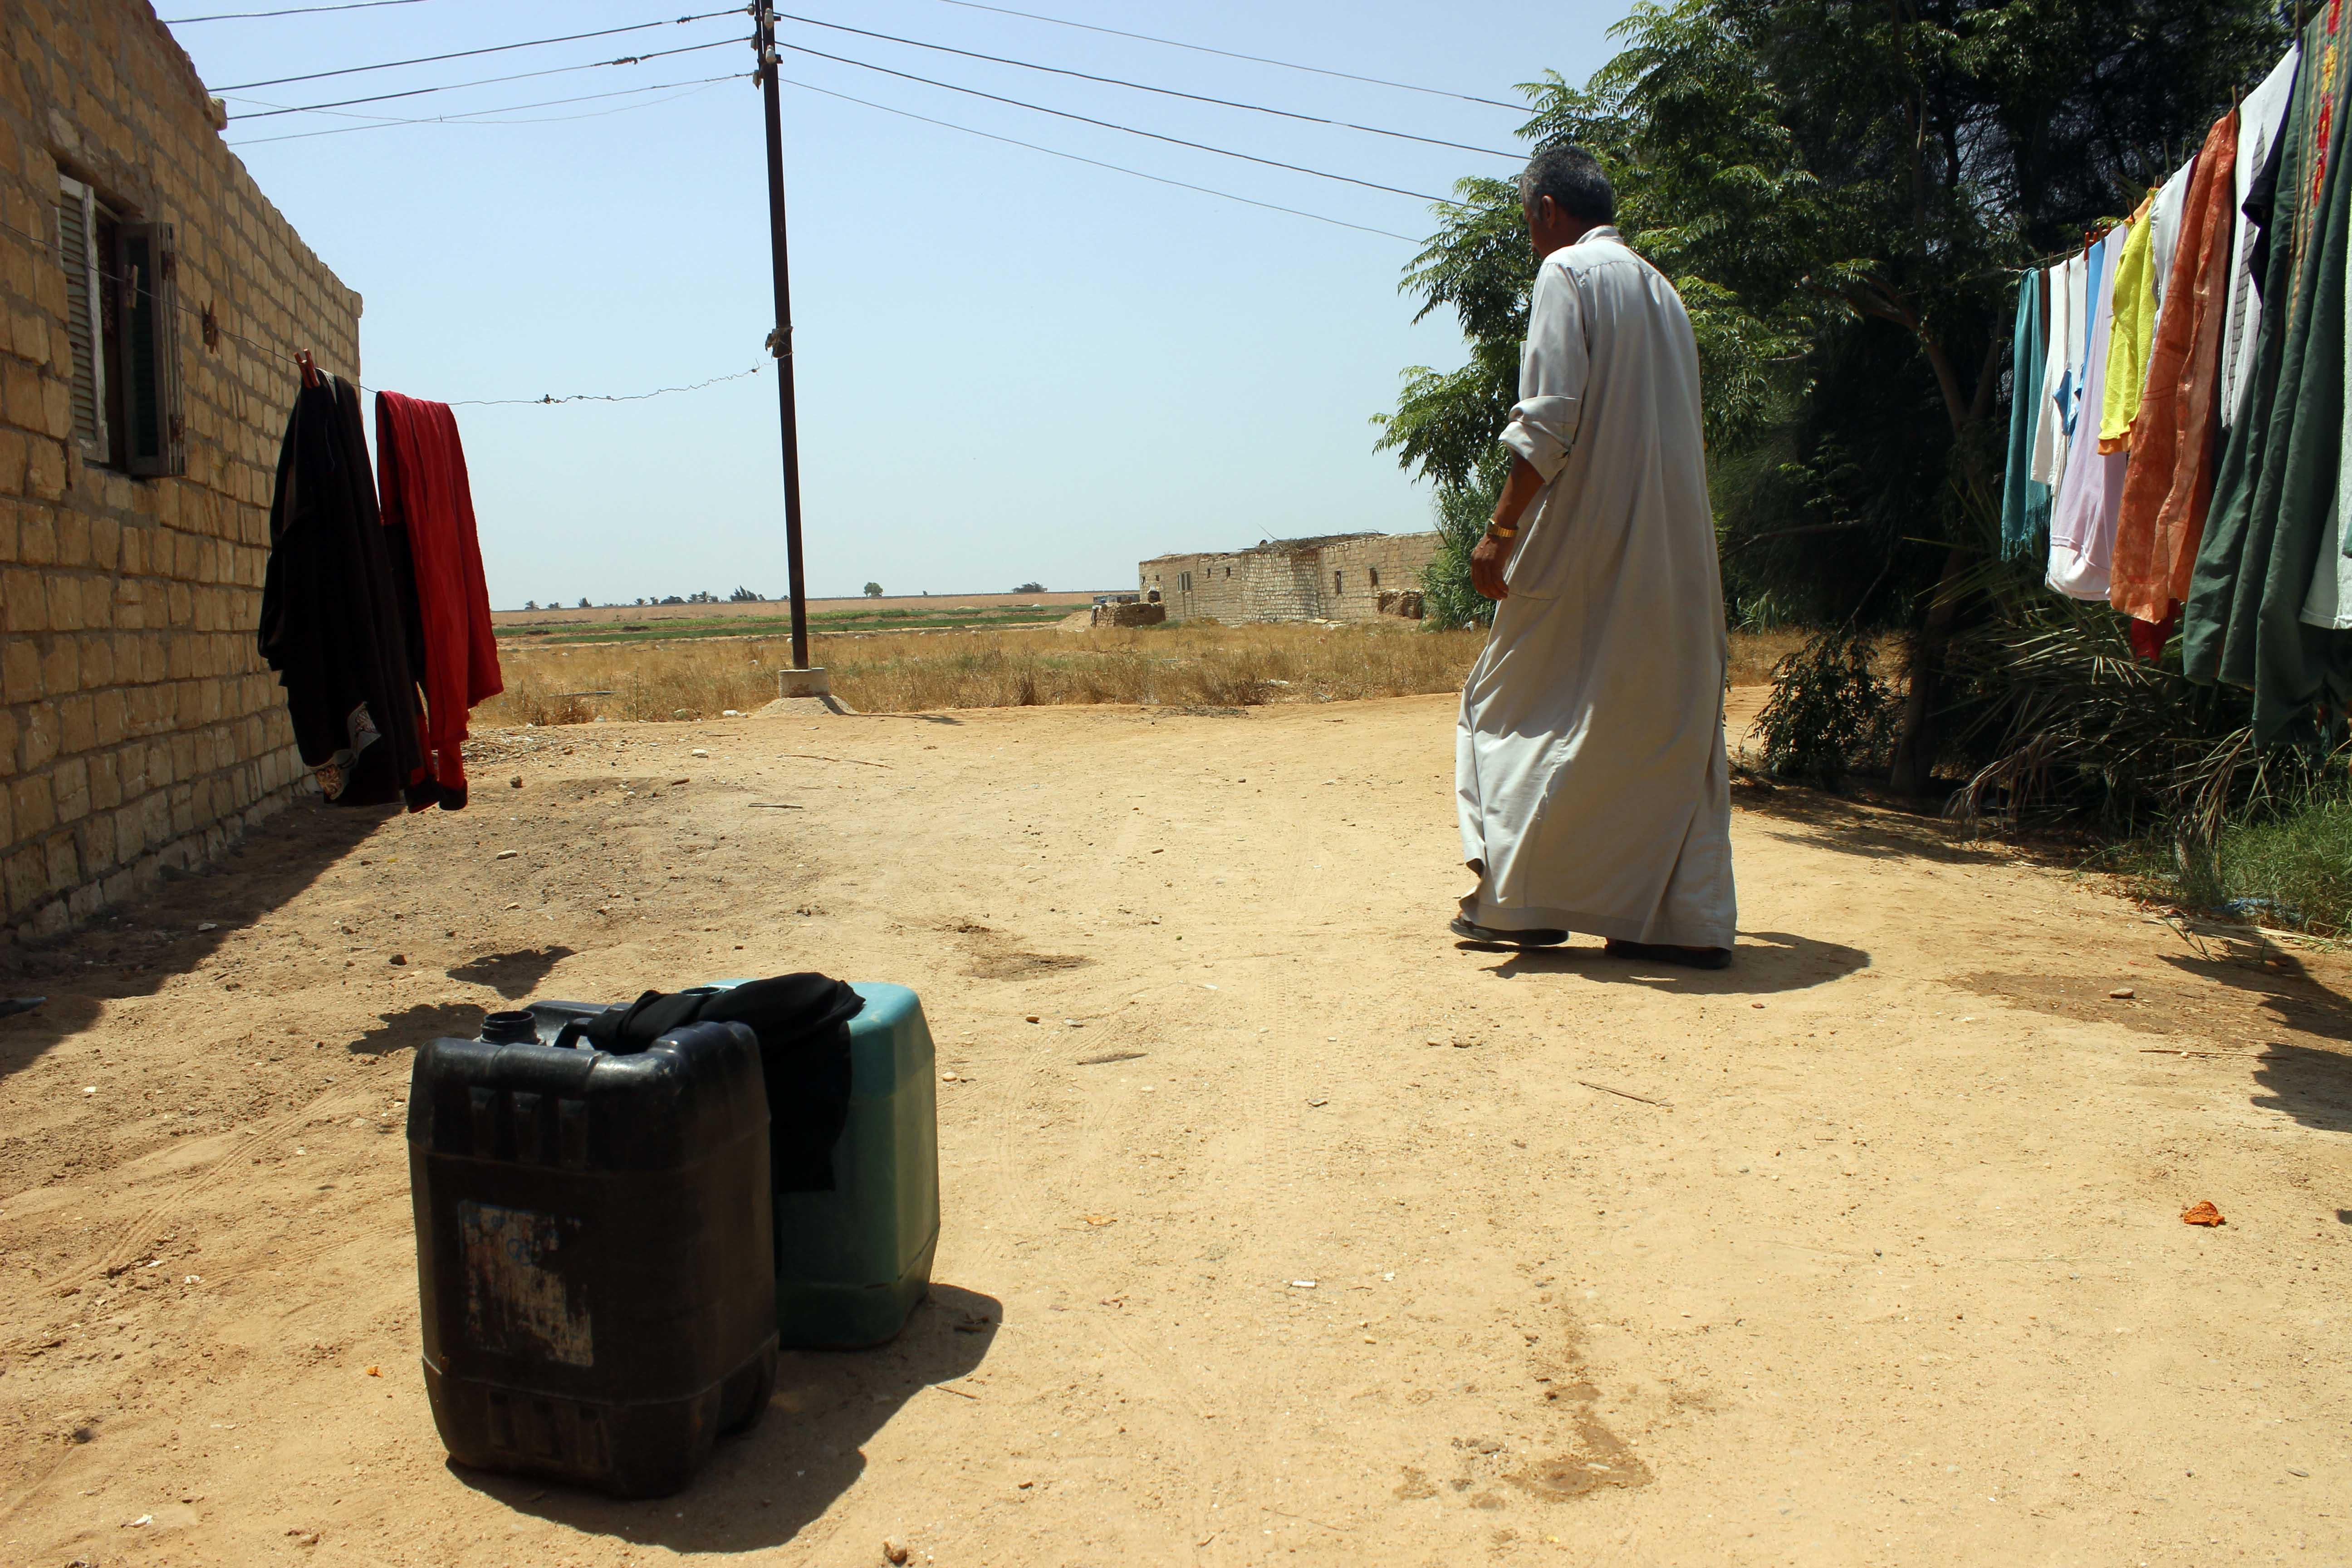 قري  تعيش بدون مياه  شرب  لأربعة أشهر  - تصوير  محمد عوض  (6)